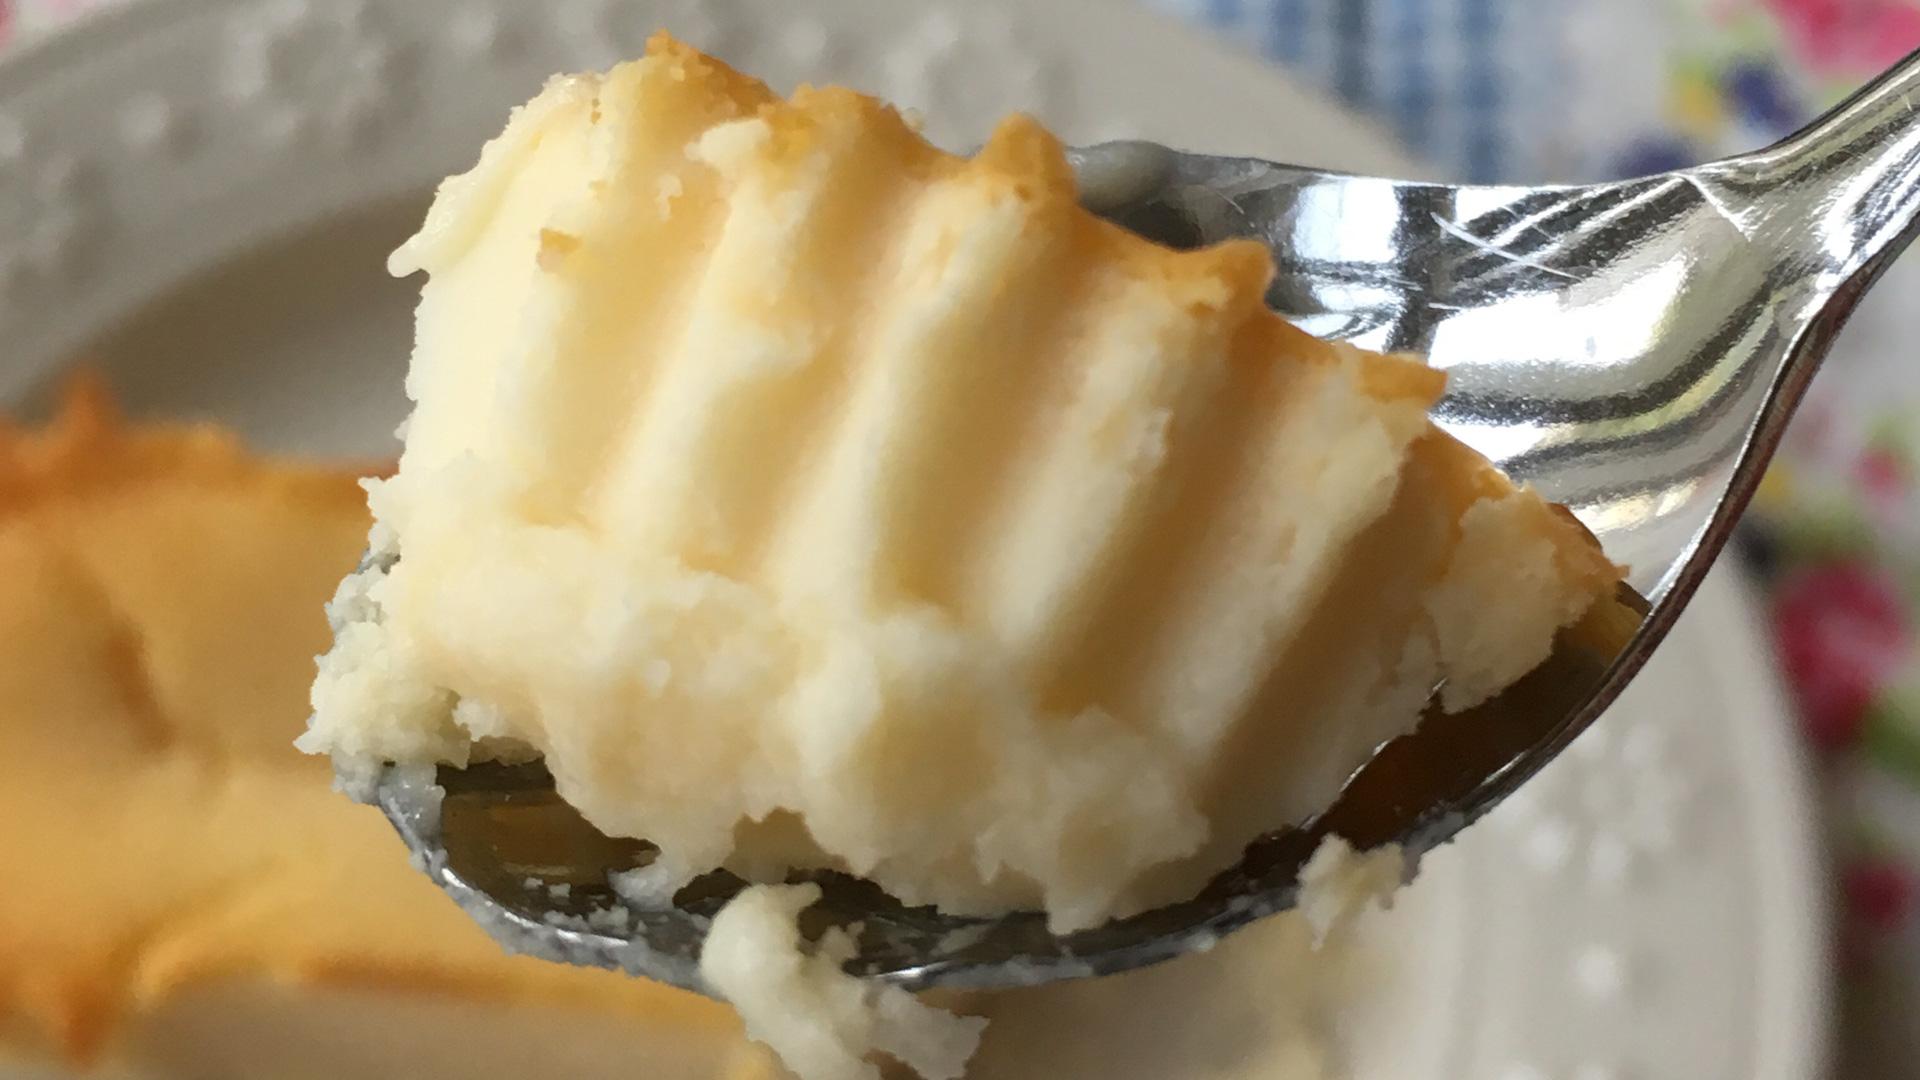 実食レポ【モスバーガー】濃厚&爽やか♪ひんやりドルチェ ベイクドチーズ